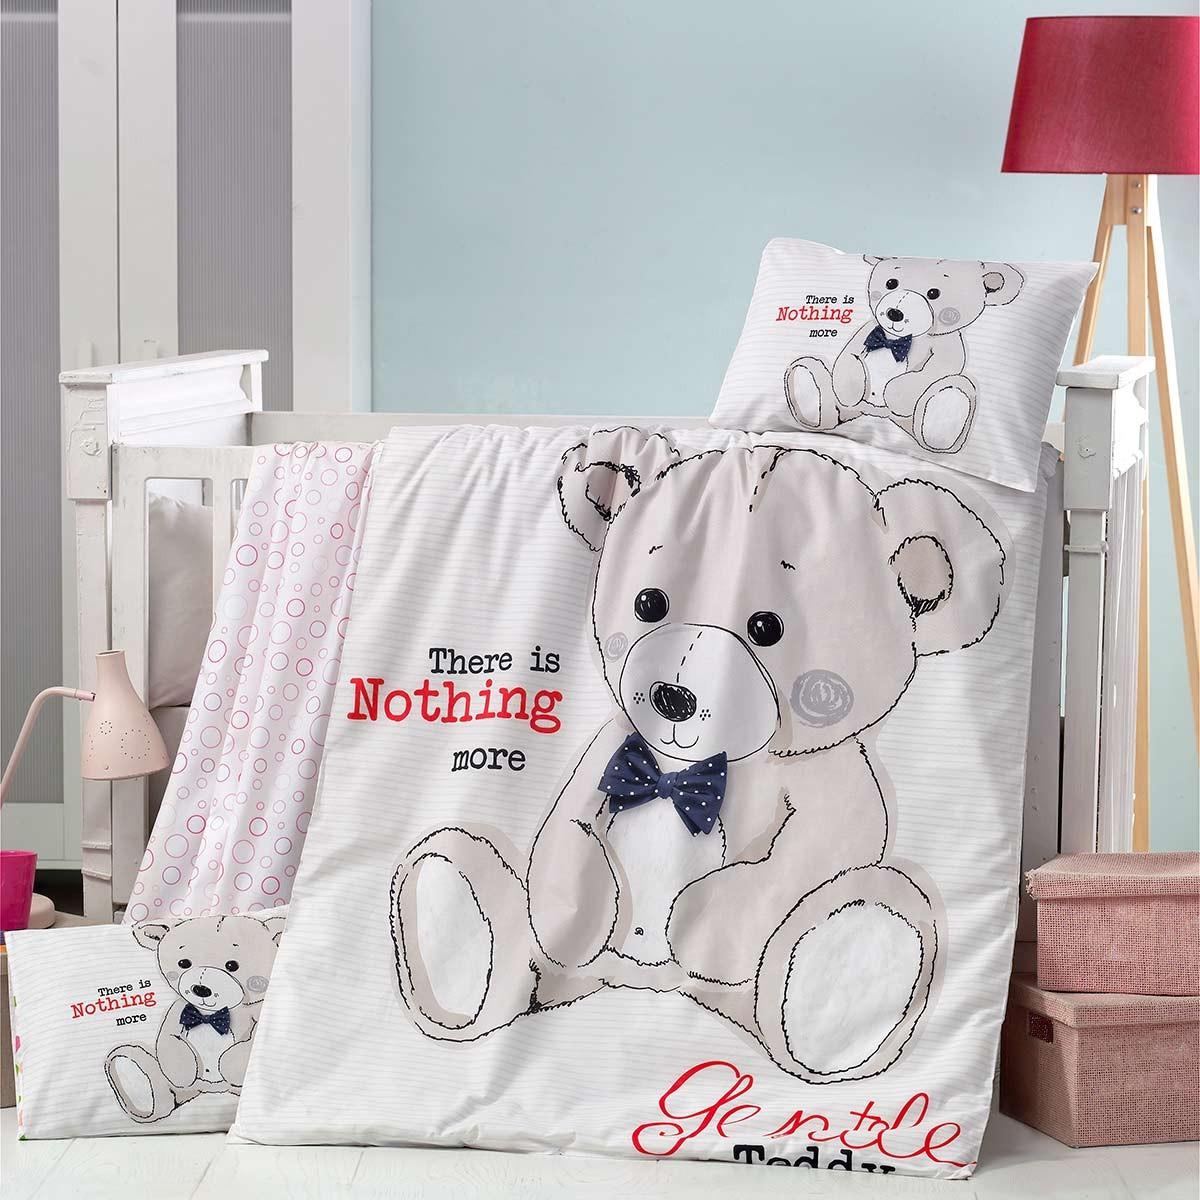 Σεντόνια Κούνιας (Σετ) Ravelia Baby Teddy